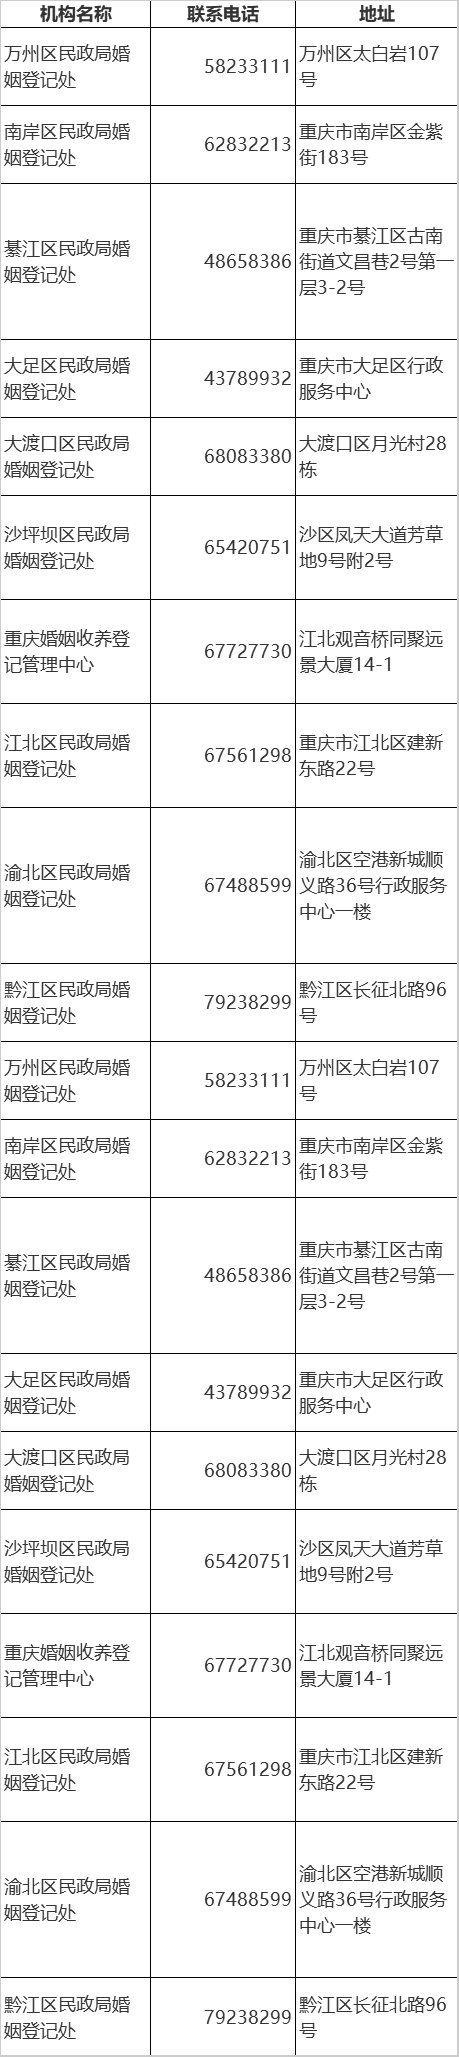 重庆20200202适合结婚吗?